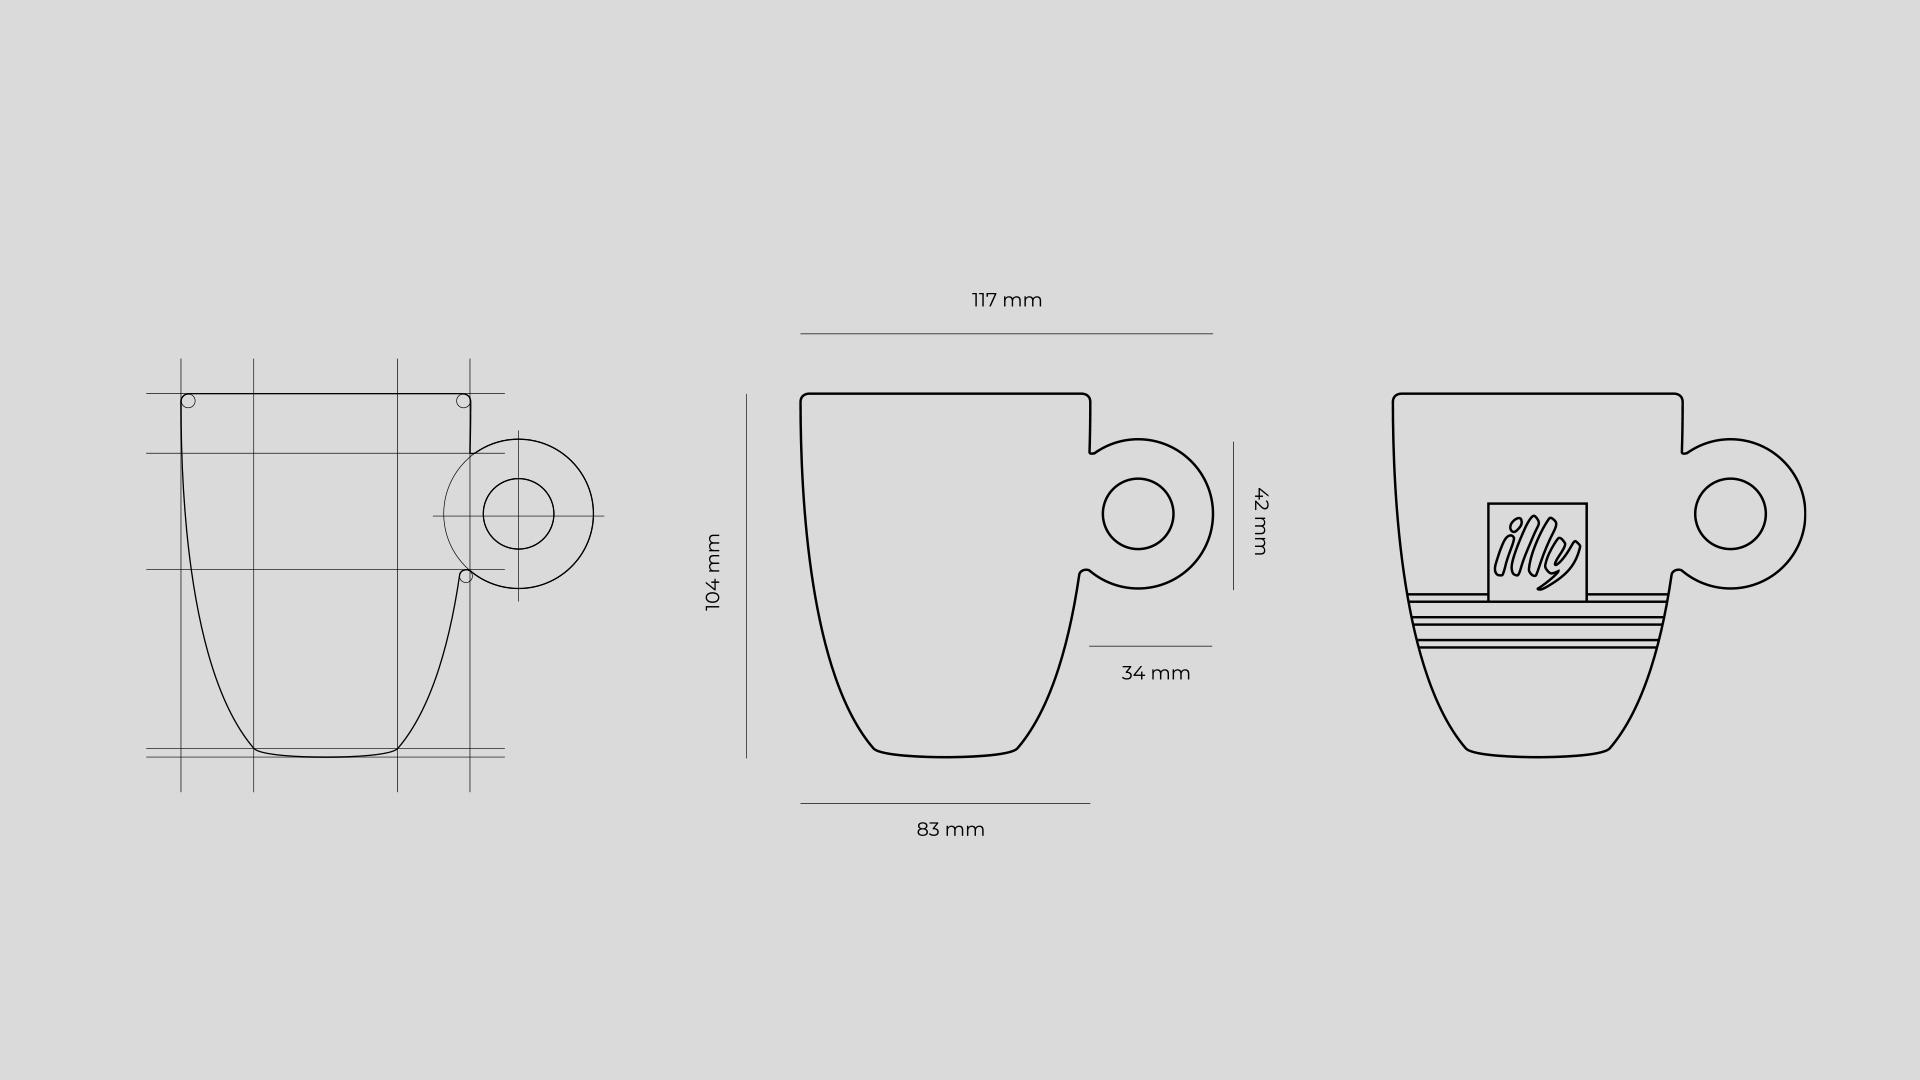 struttura-tazza-illy-city-mug